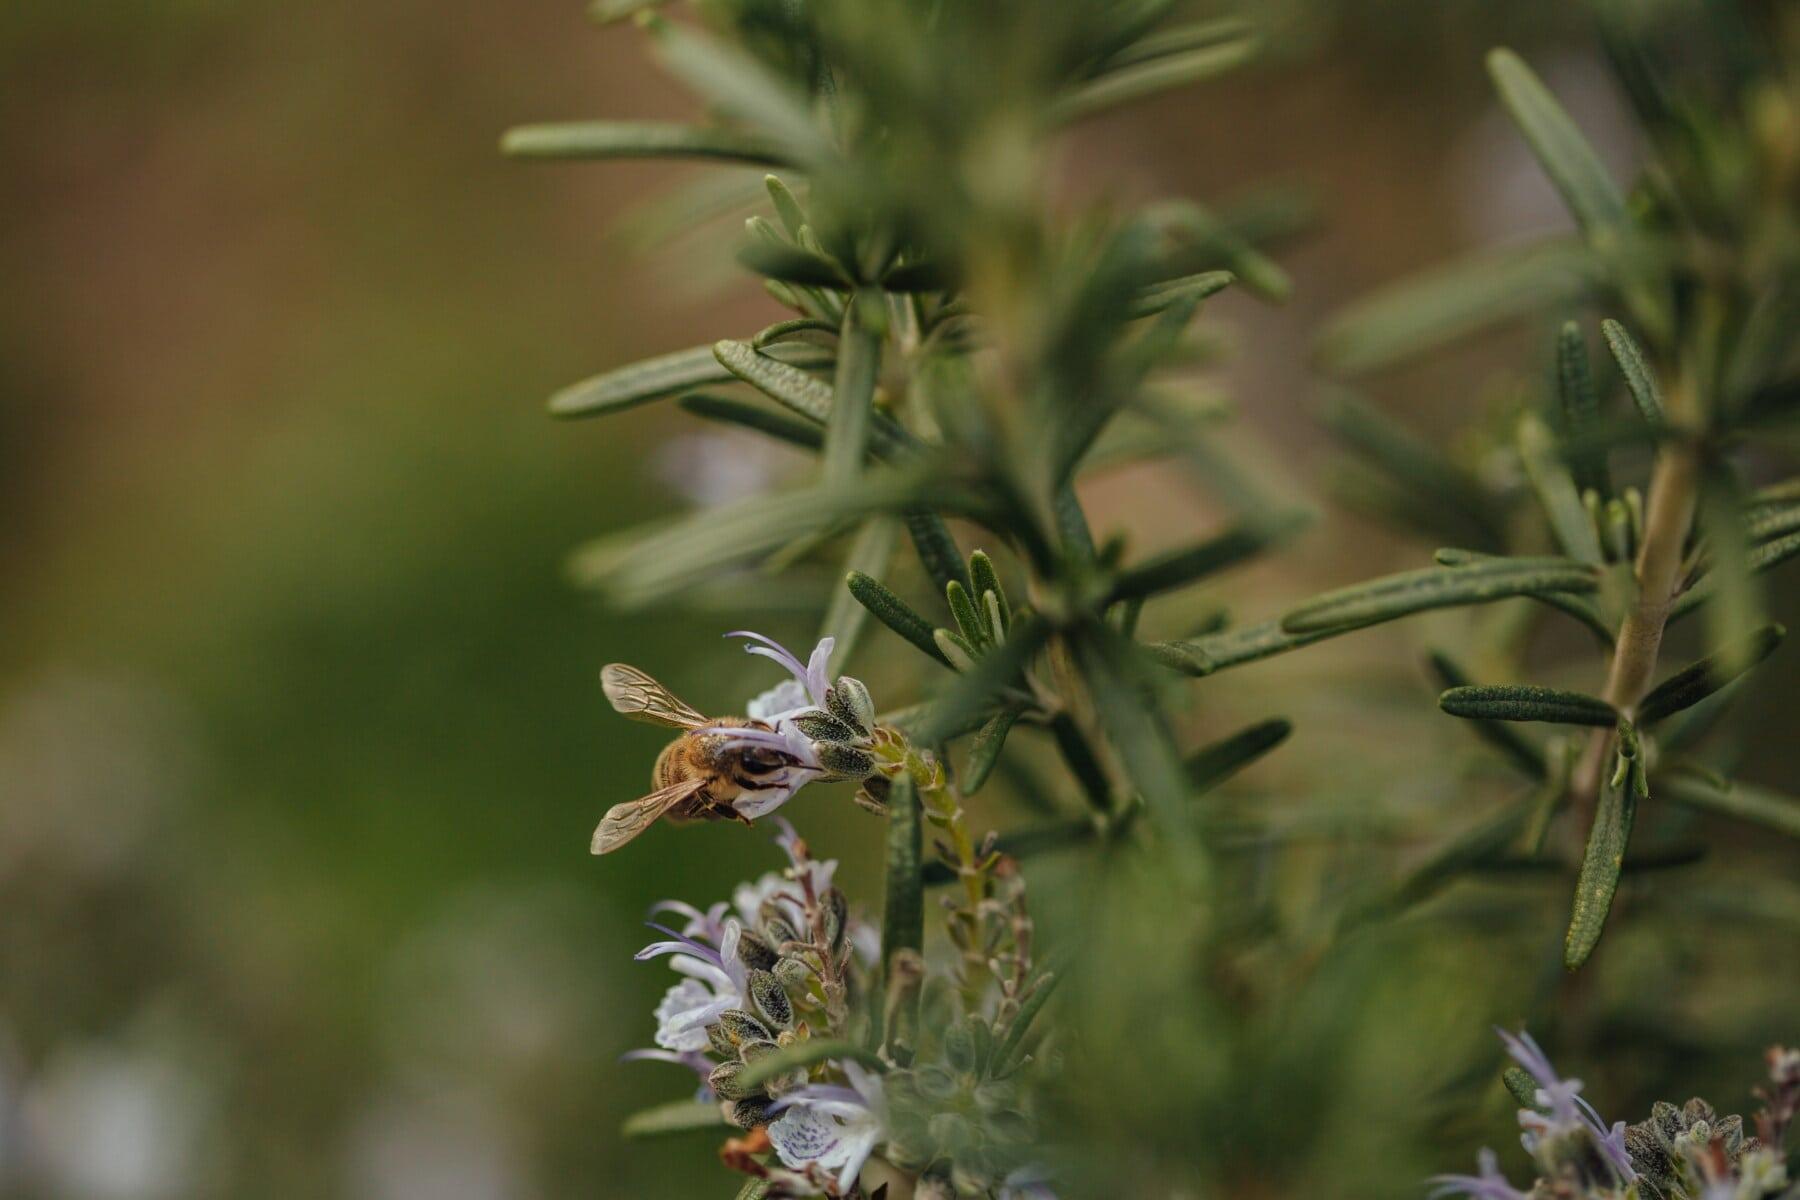 Nektar, Bestäubung, Honigbiene, Tierwelt, Insekt, Wildblumen, Organismus, Wildnis, Natur, Anlage